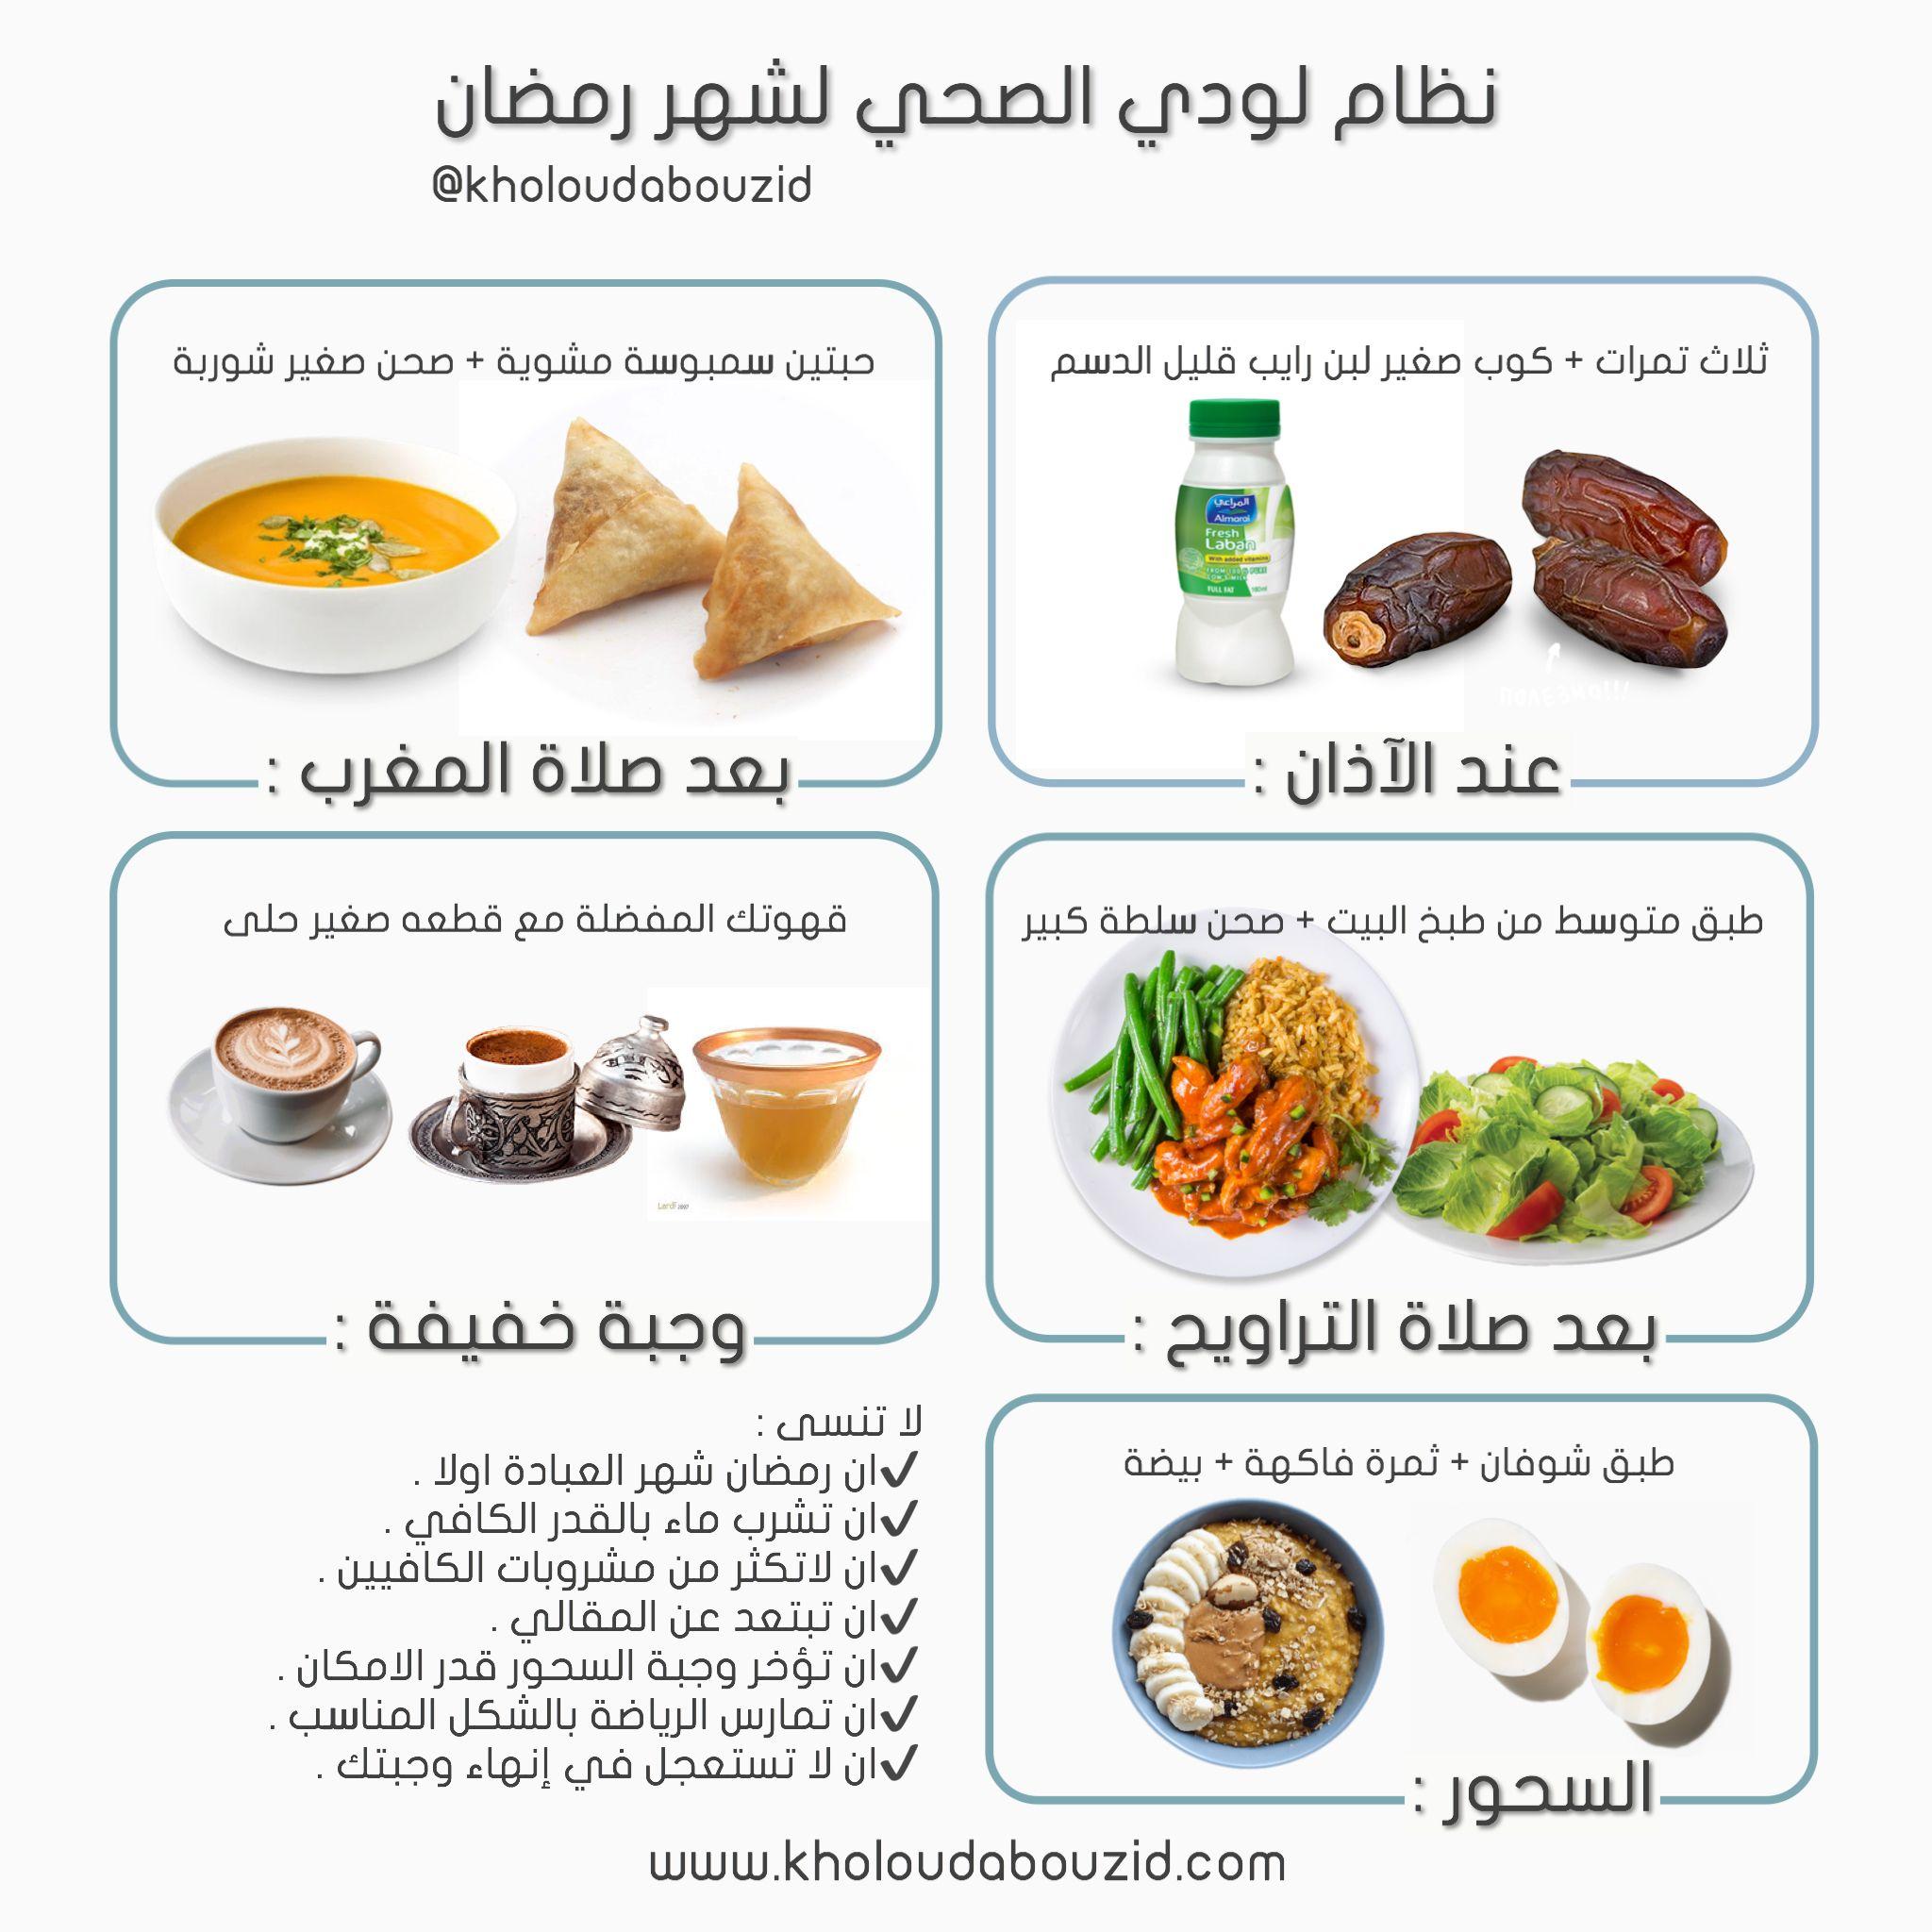 نظام صحي لخسارة الوزن في رمضان Healty Food Health Facts Food Food Snapchat